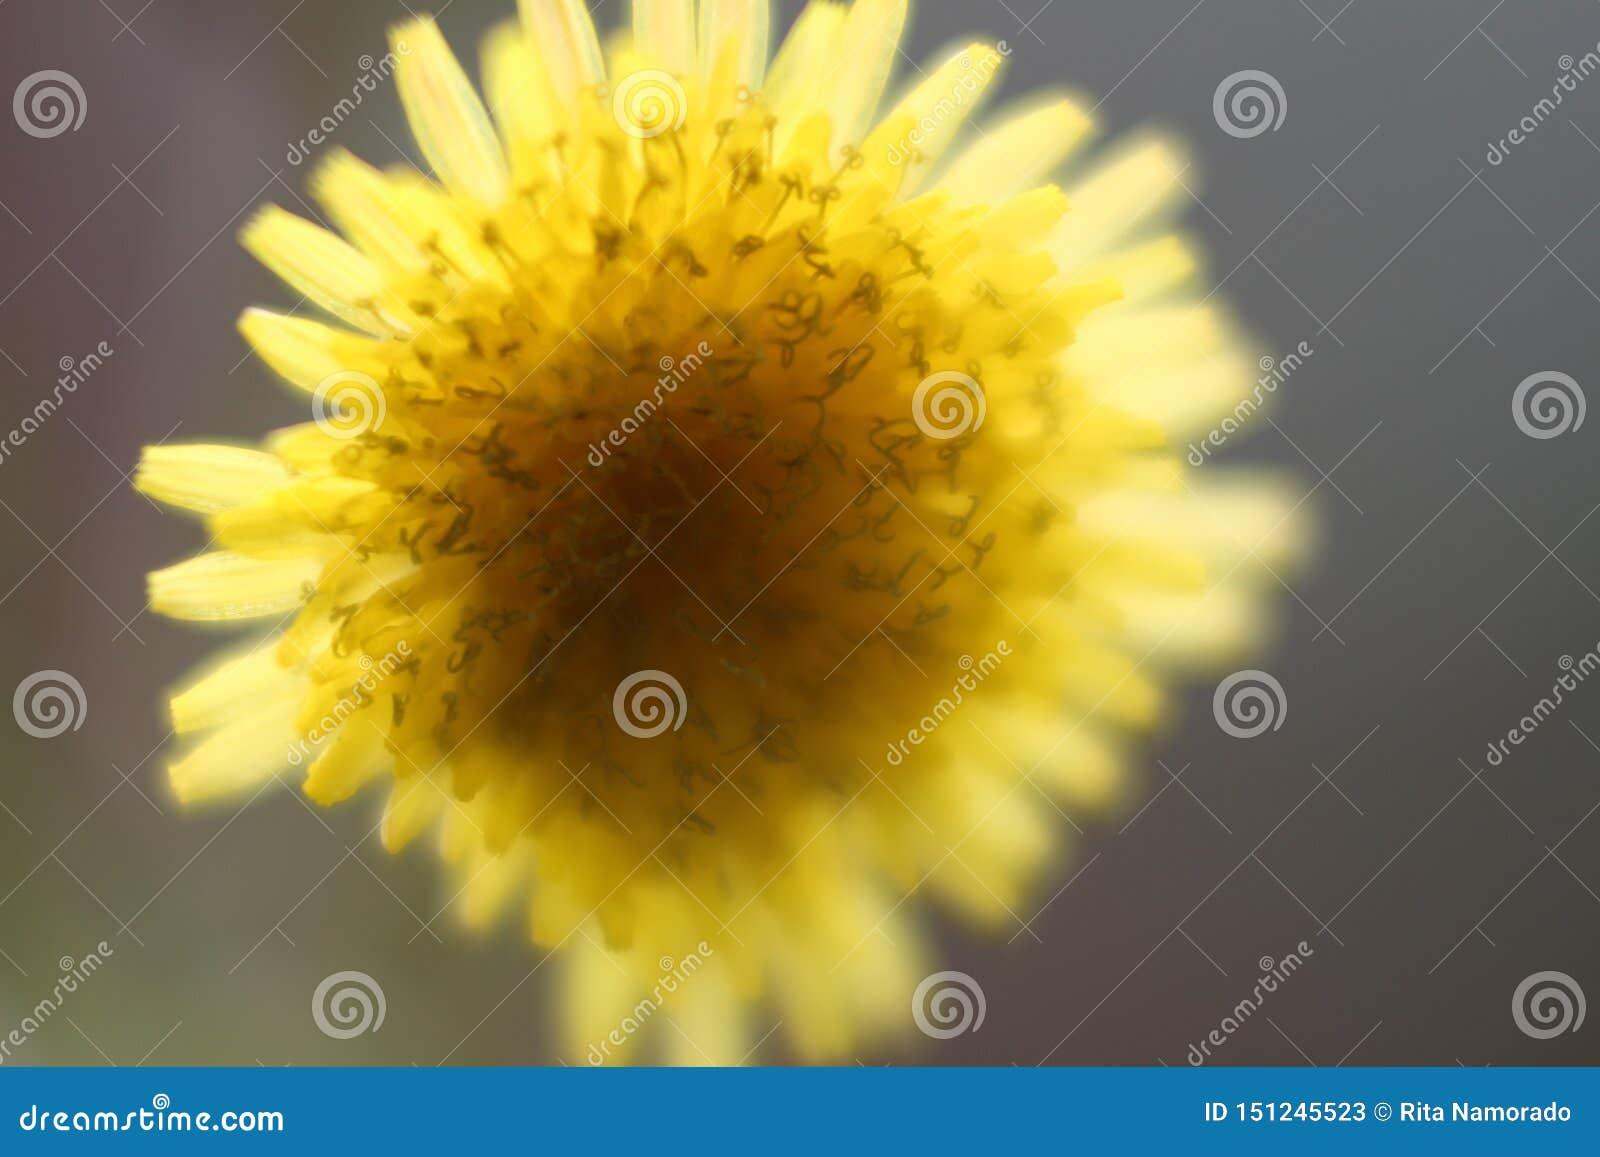 Un fiore giallo capovolto